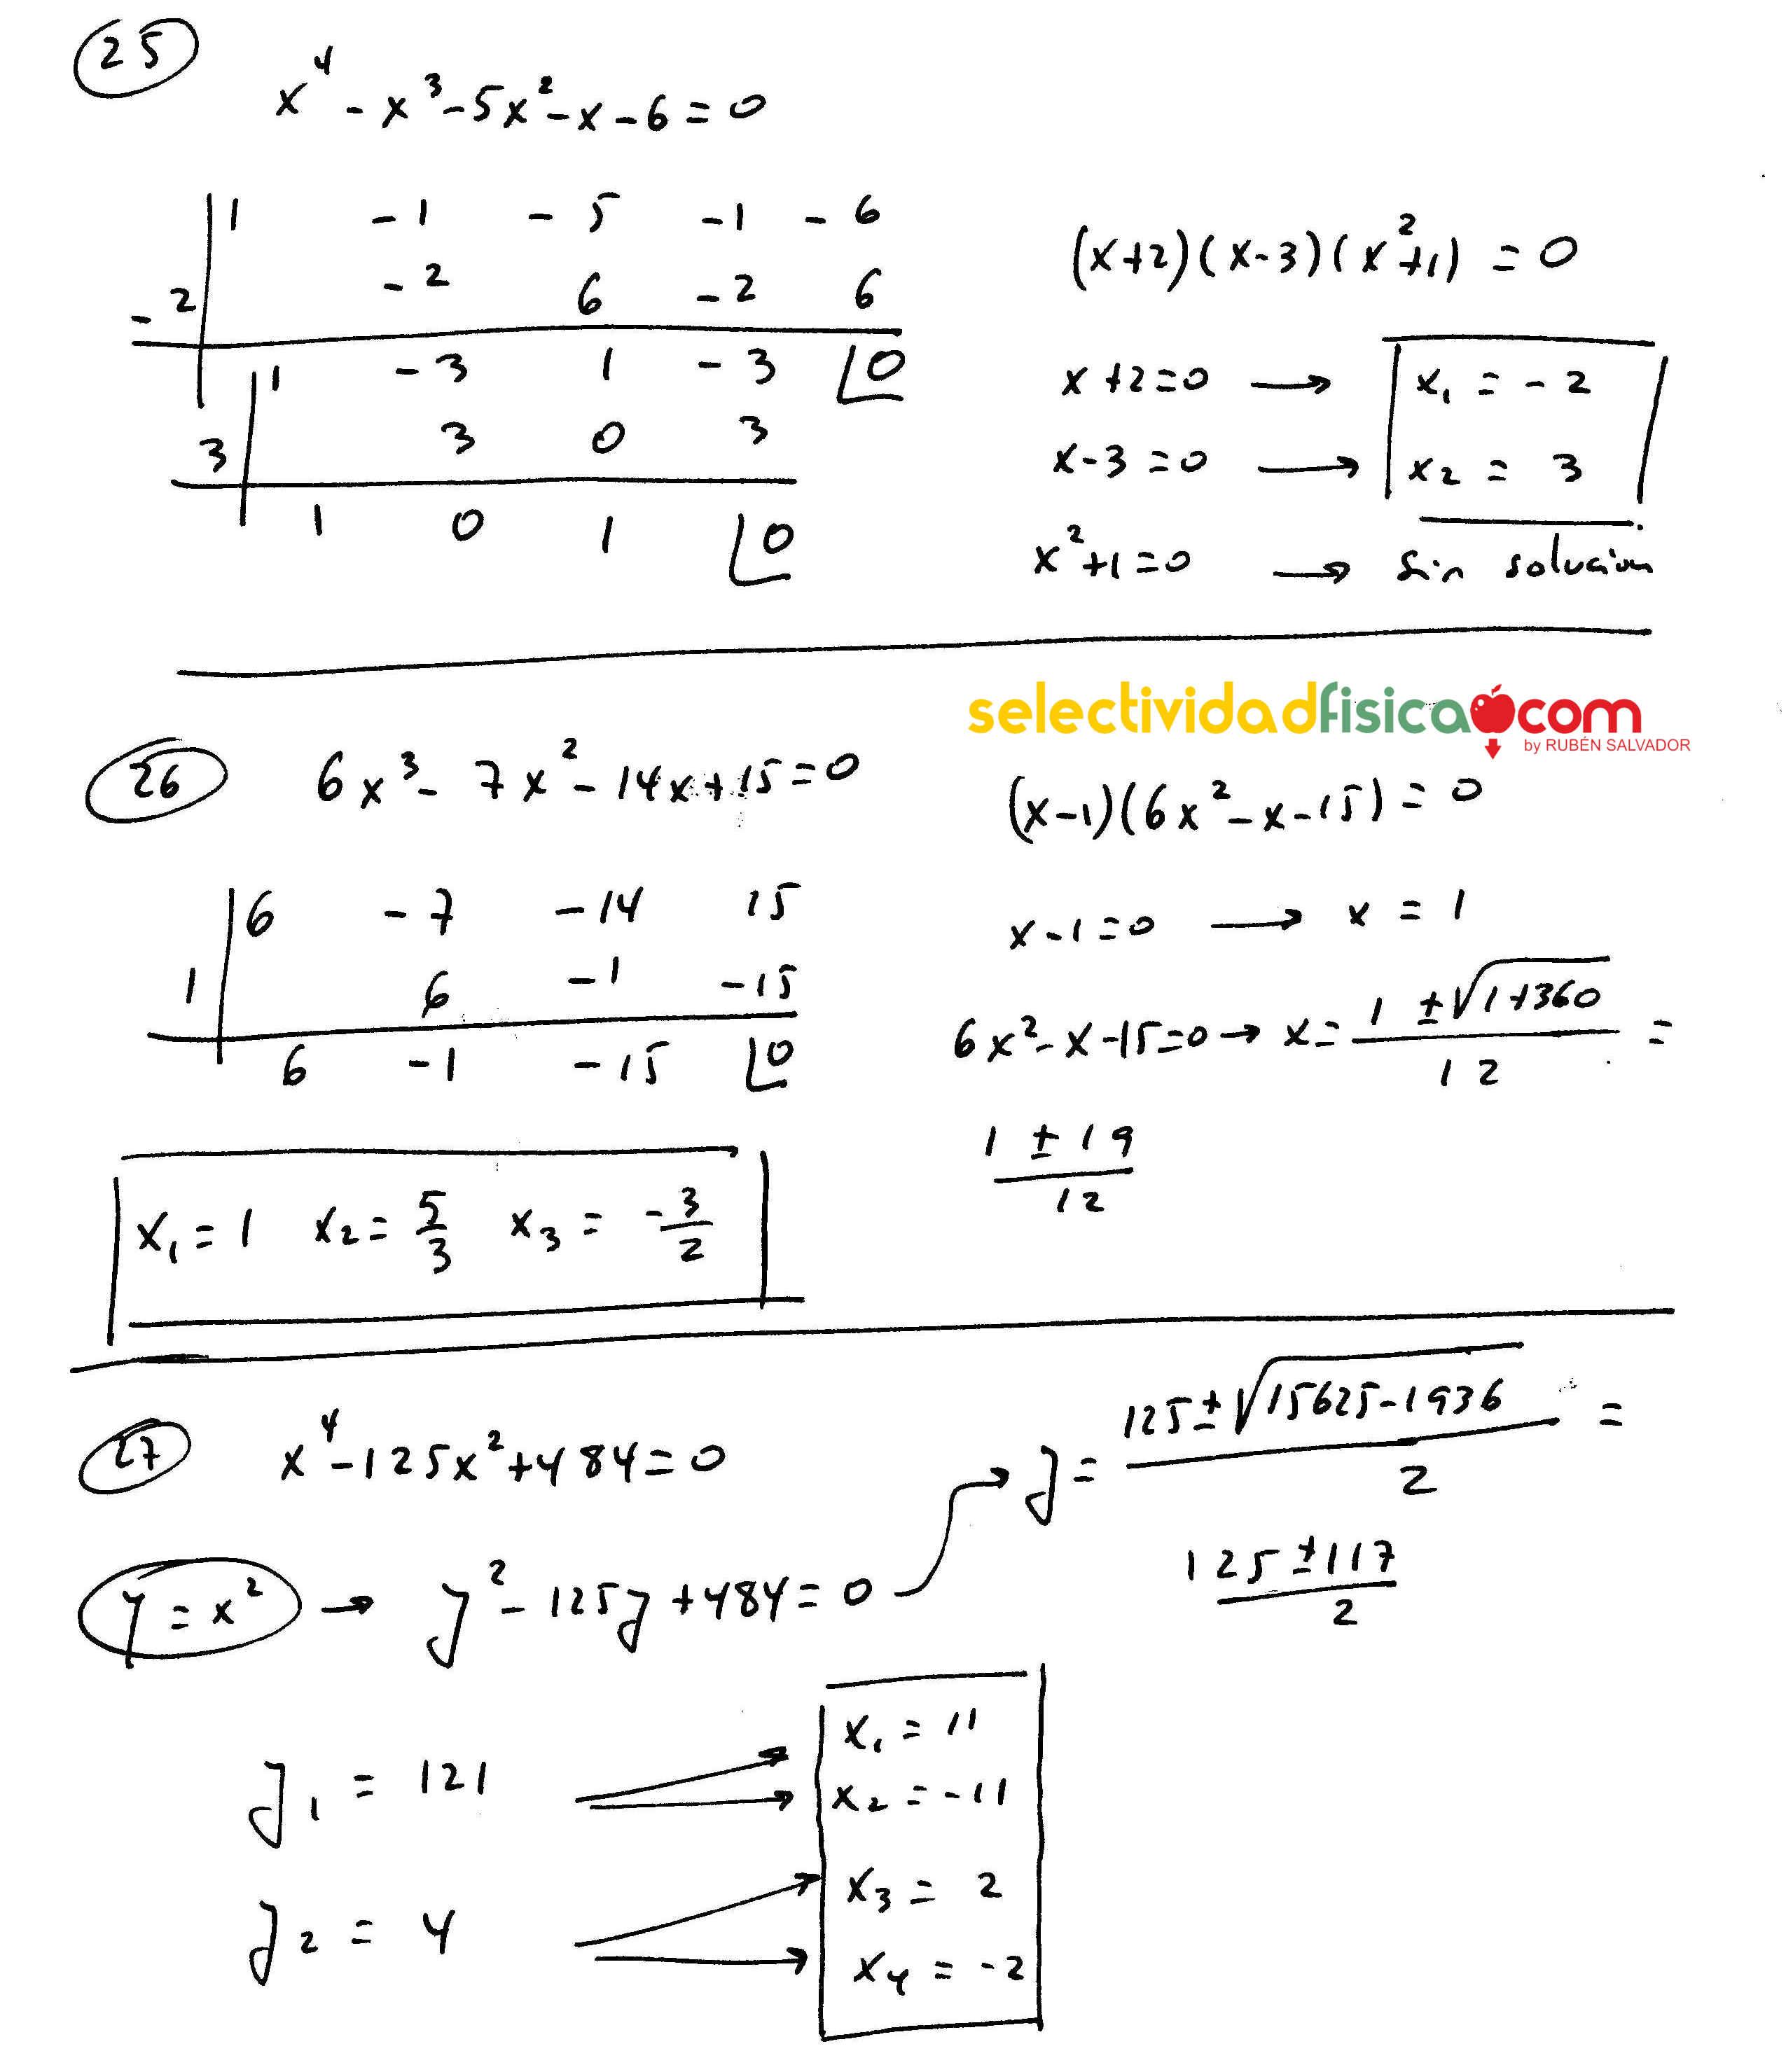 Ejercicios resueltos de ecuaciones polinómicas de matemáticas de primero de bachillerato.